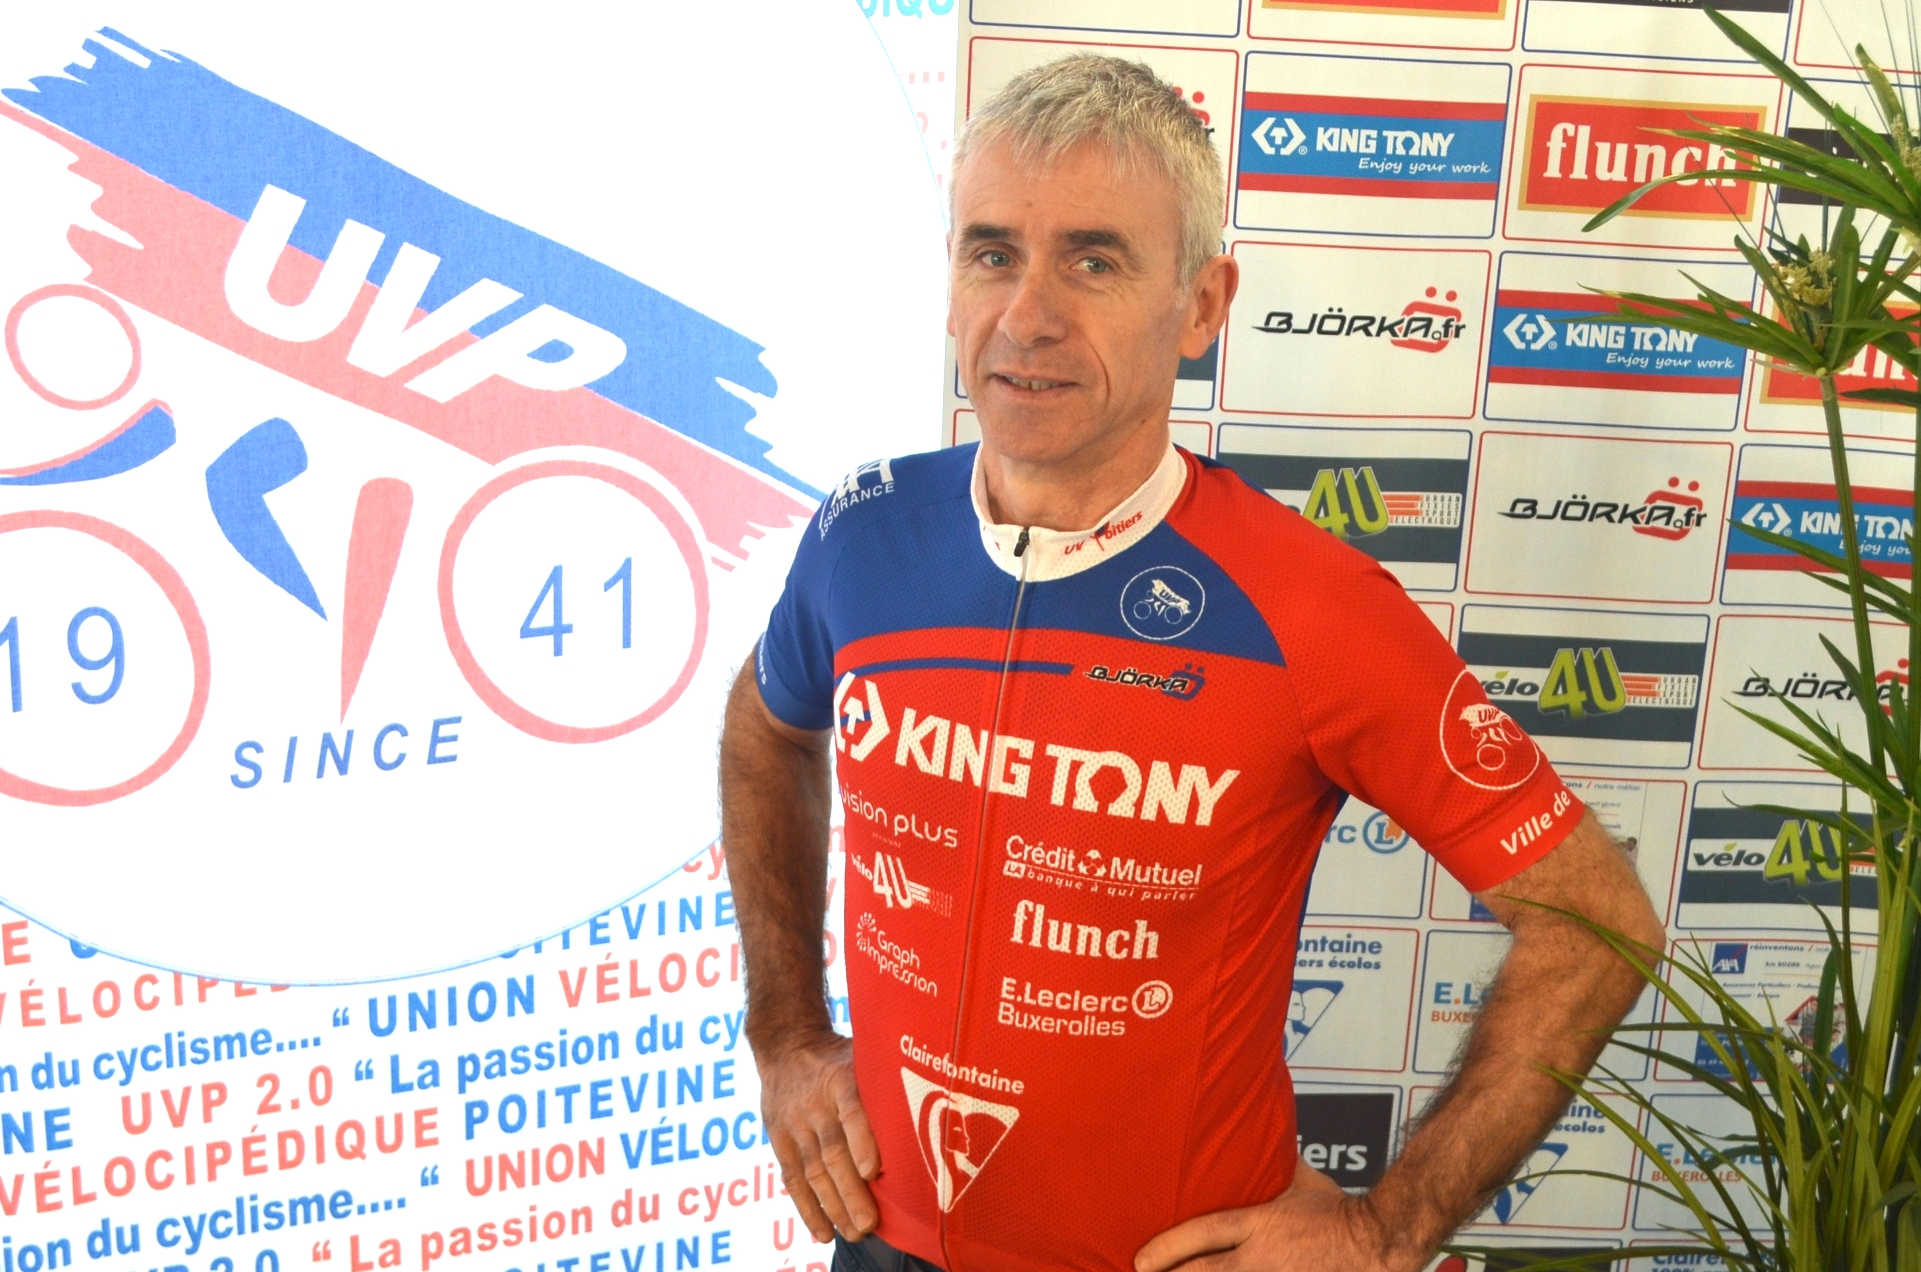 Frédéric PINEAU